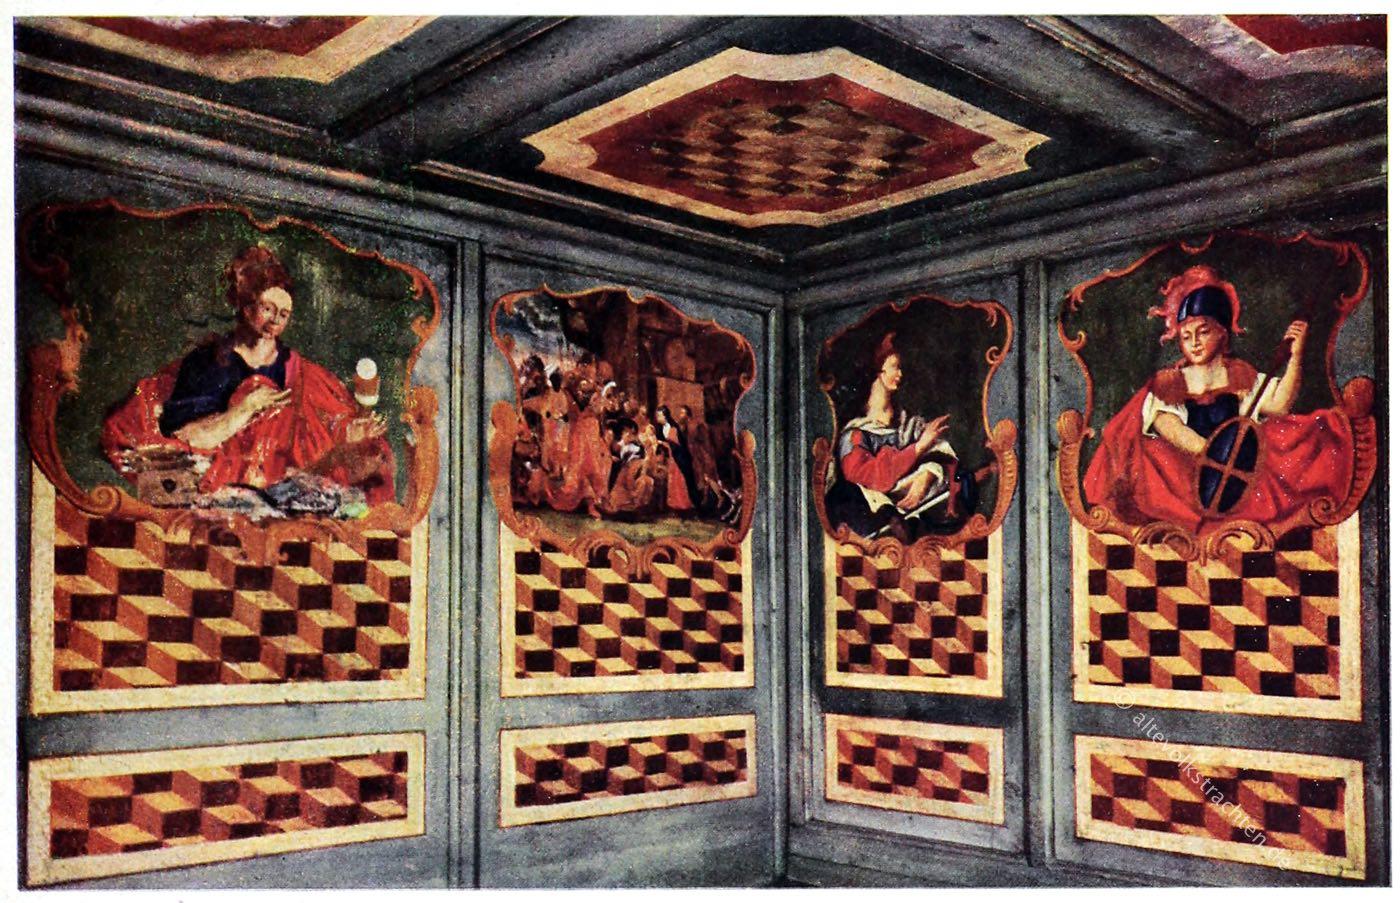 Wandvertäfelung, Bemalung, Bauernmöbel, Volkskunst, Antik, Österreich, Barock, Tirol,